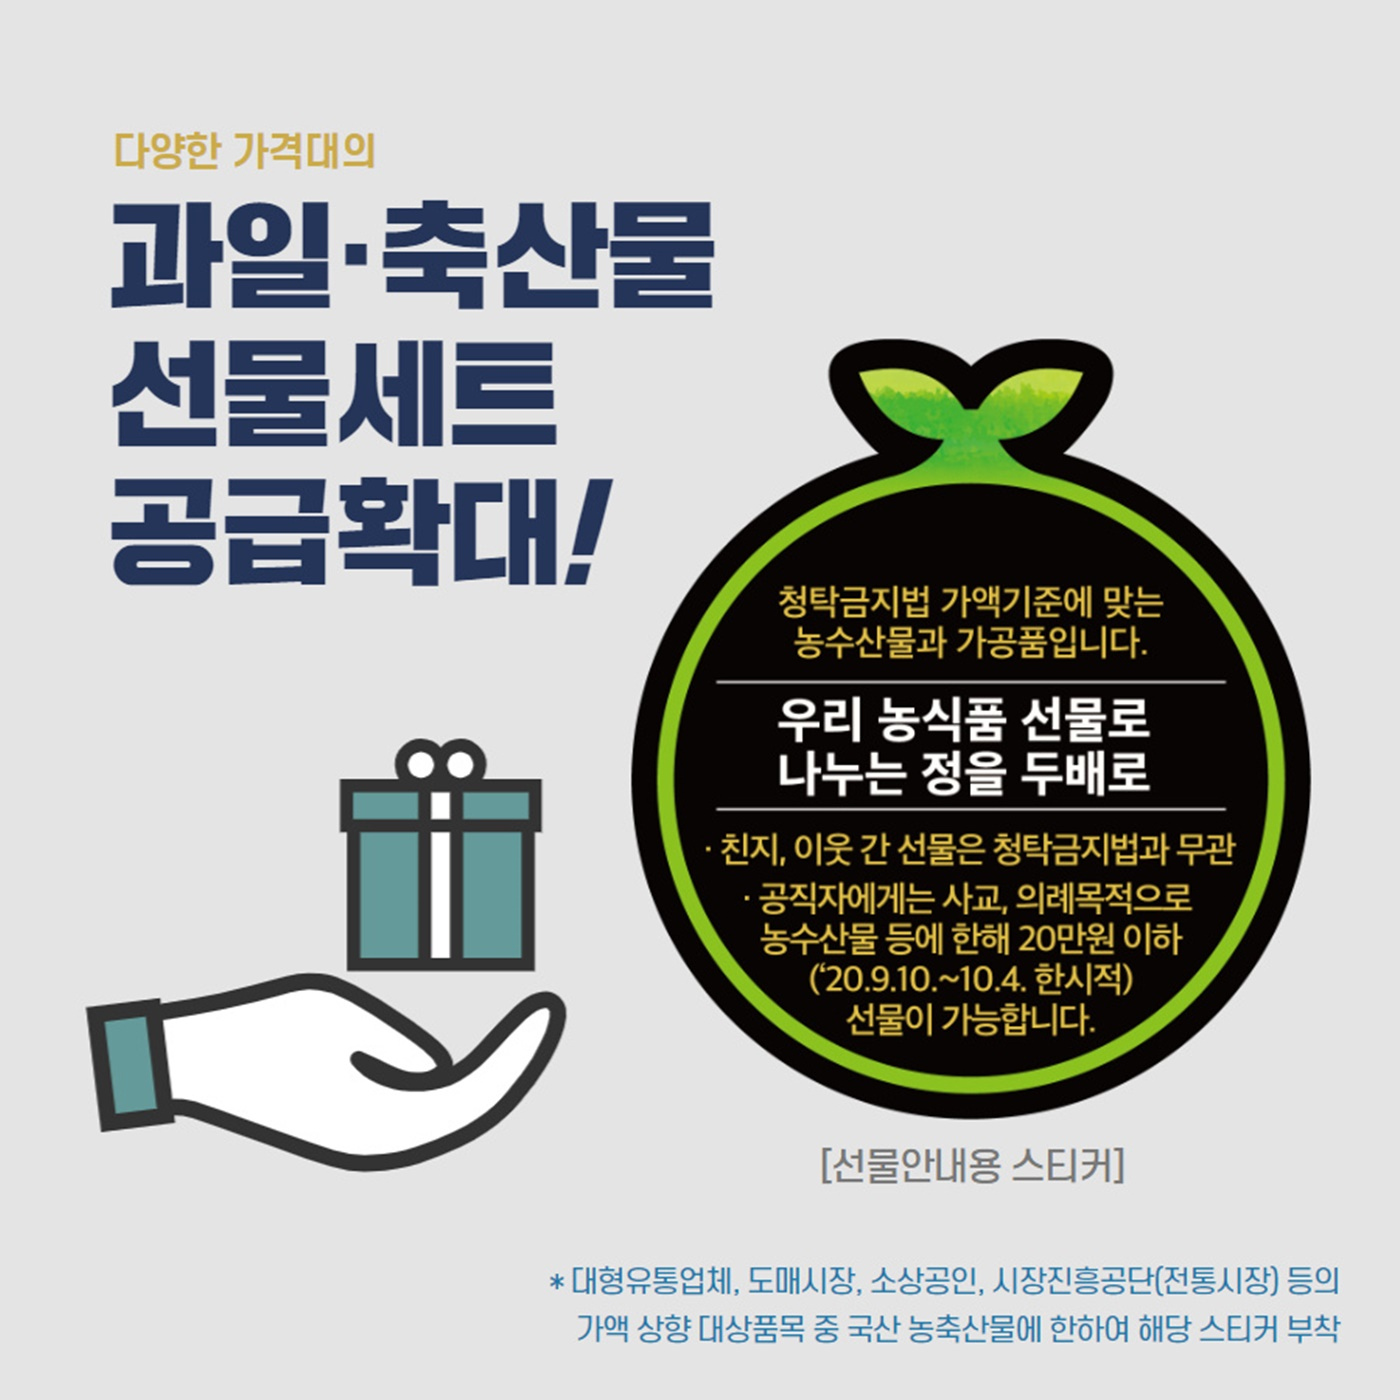 추석 선물 할인 온라인 사이트